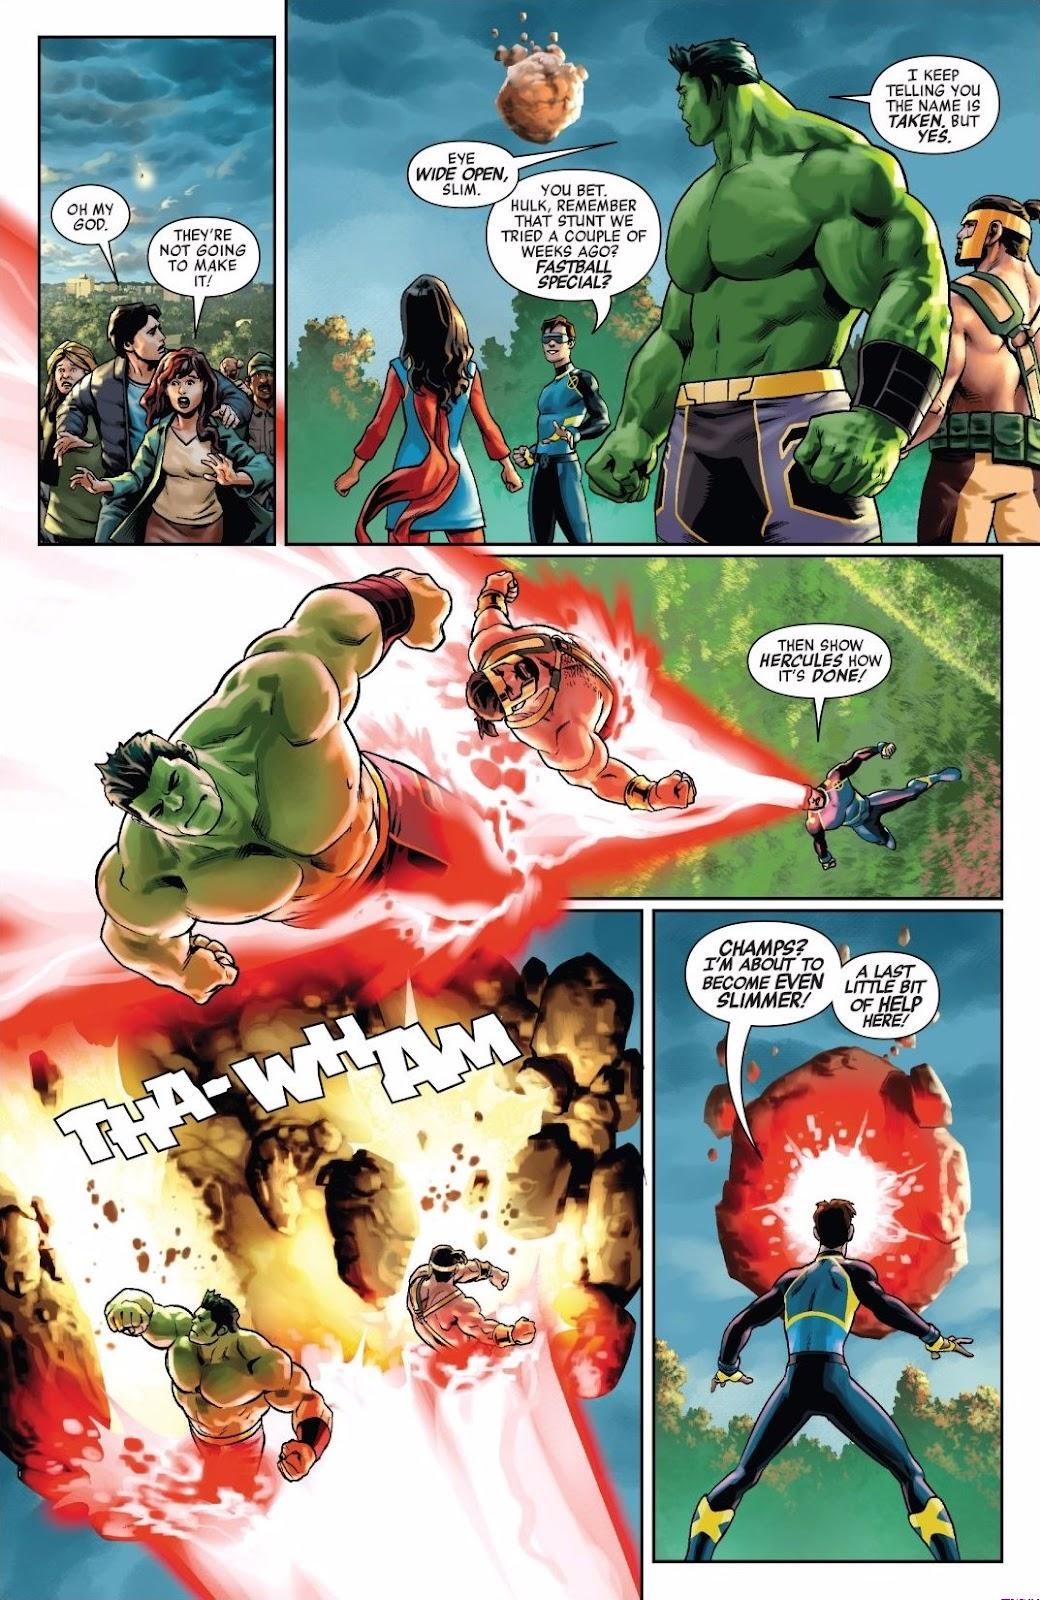 Immortal Hulk vs All-Star Superman,